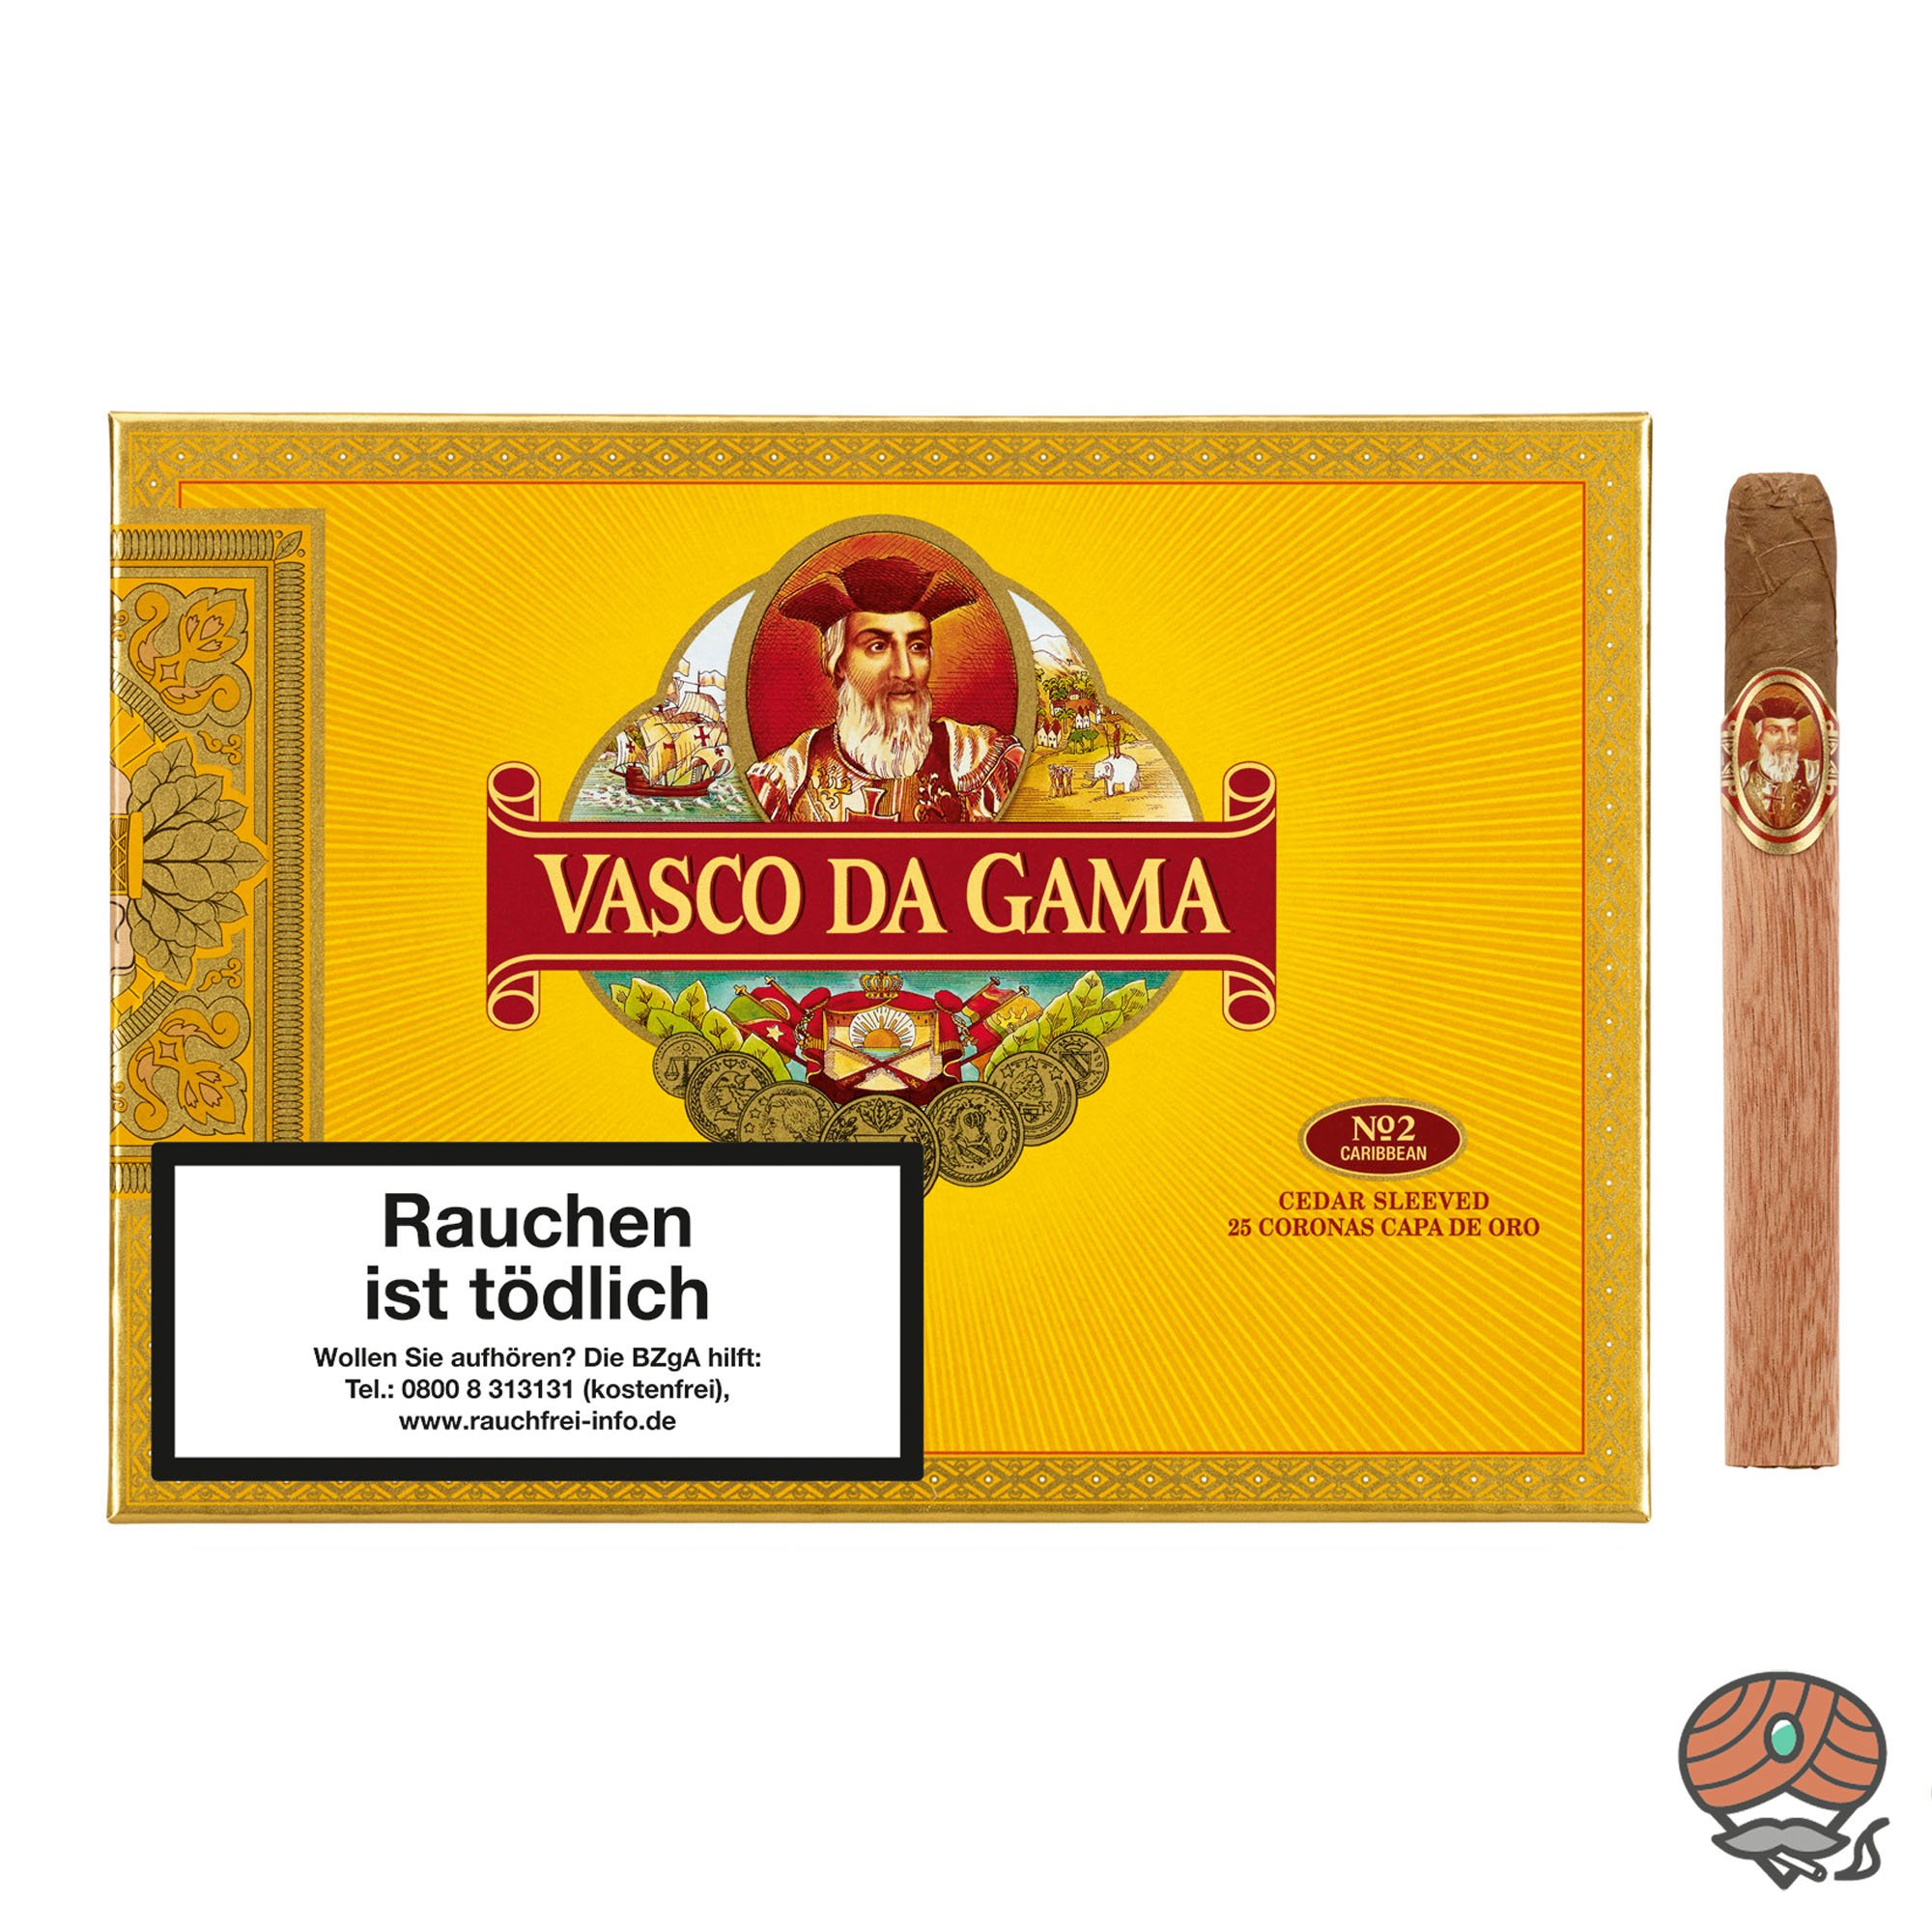 Vasco da Gama Corona Capa de Oro No 2 Caribbean 25 Zigarren